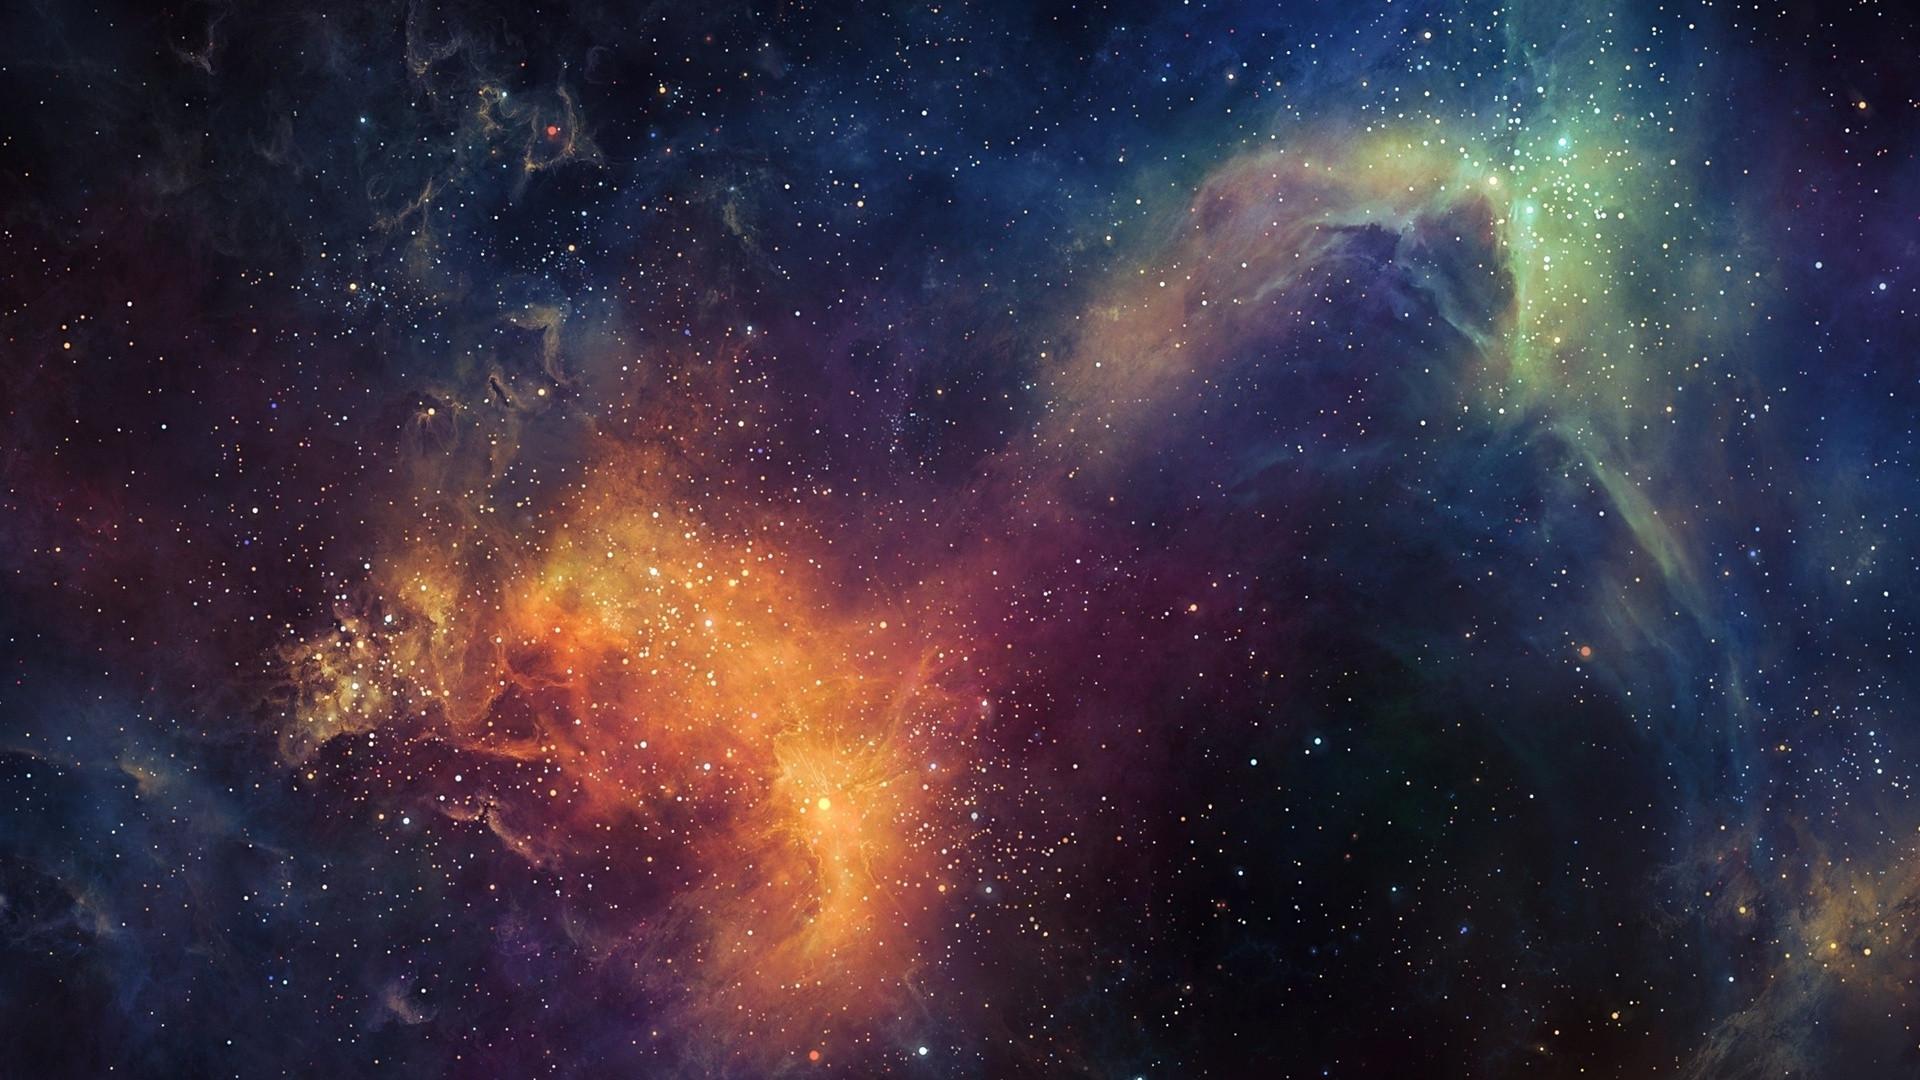 НАСА опубликовало изображение далекой галактики врамках создания нового атласа «Хаббла»